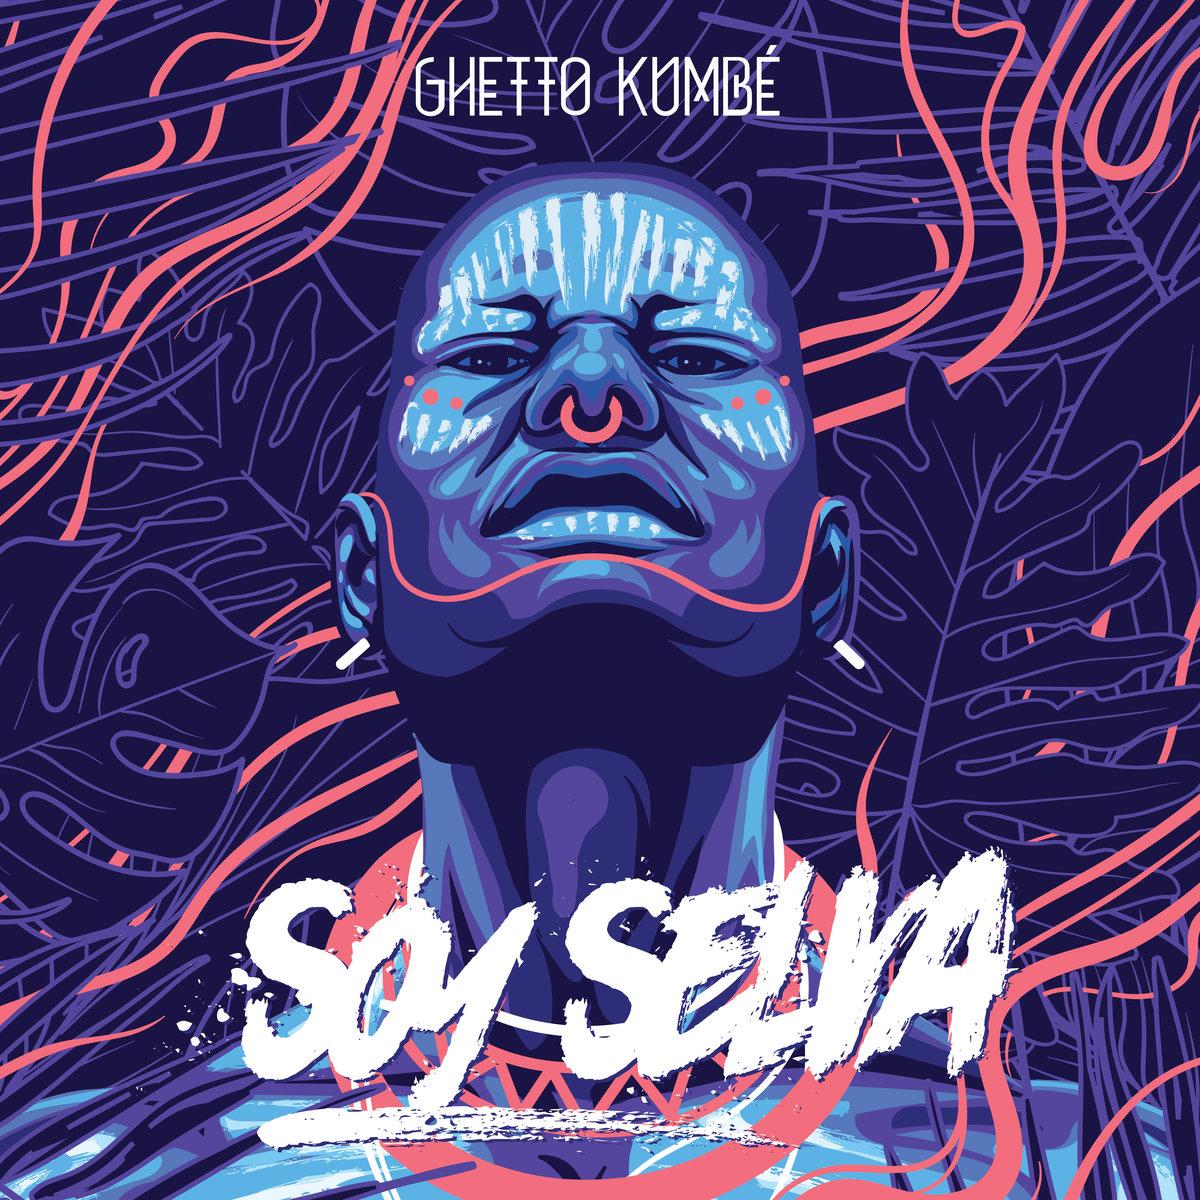 Ghetto Kumbé – Dagbani Dance (feat Zongo Abongo)